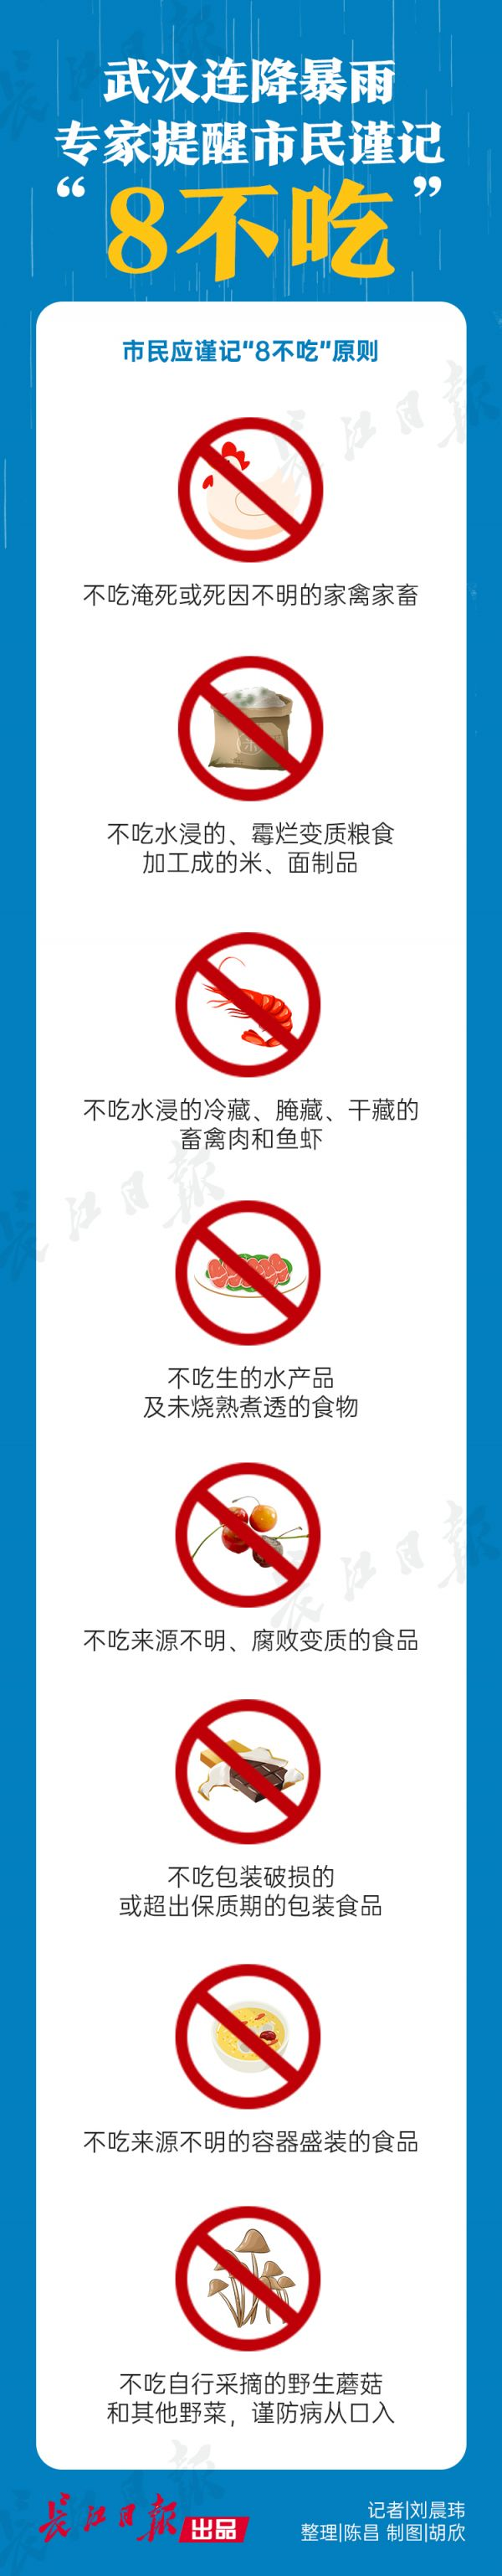 武汉连降暴雨  疾控专家提醒市民